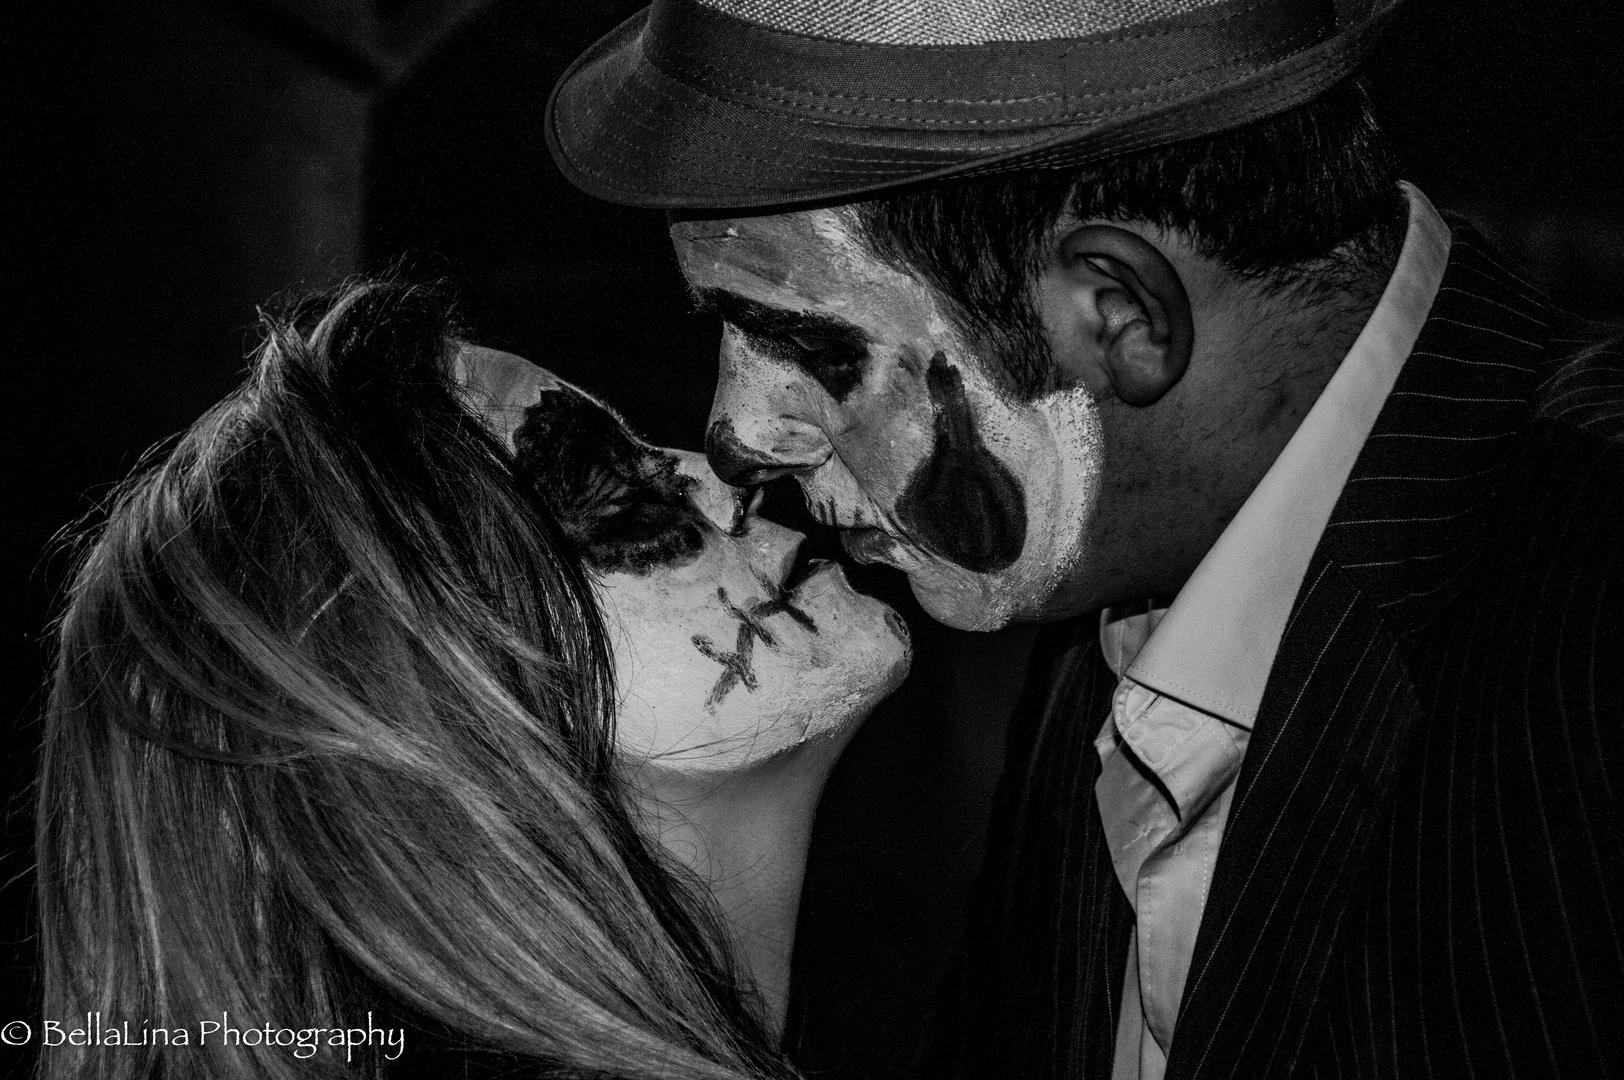 Küss mich